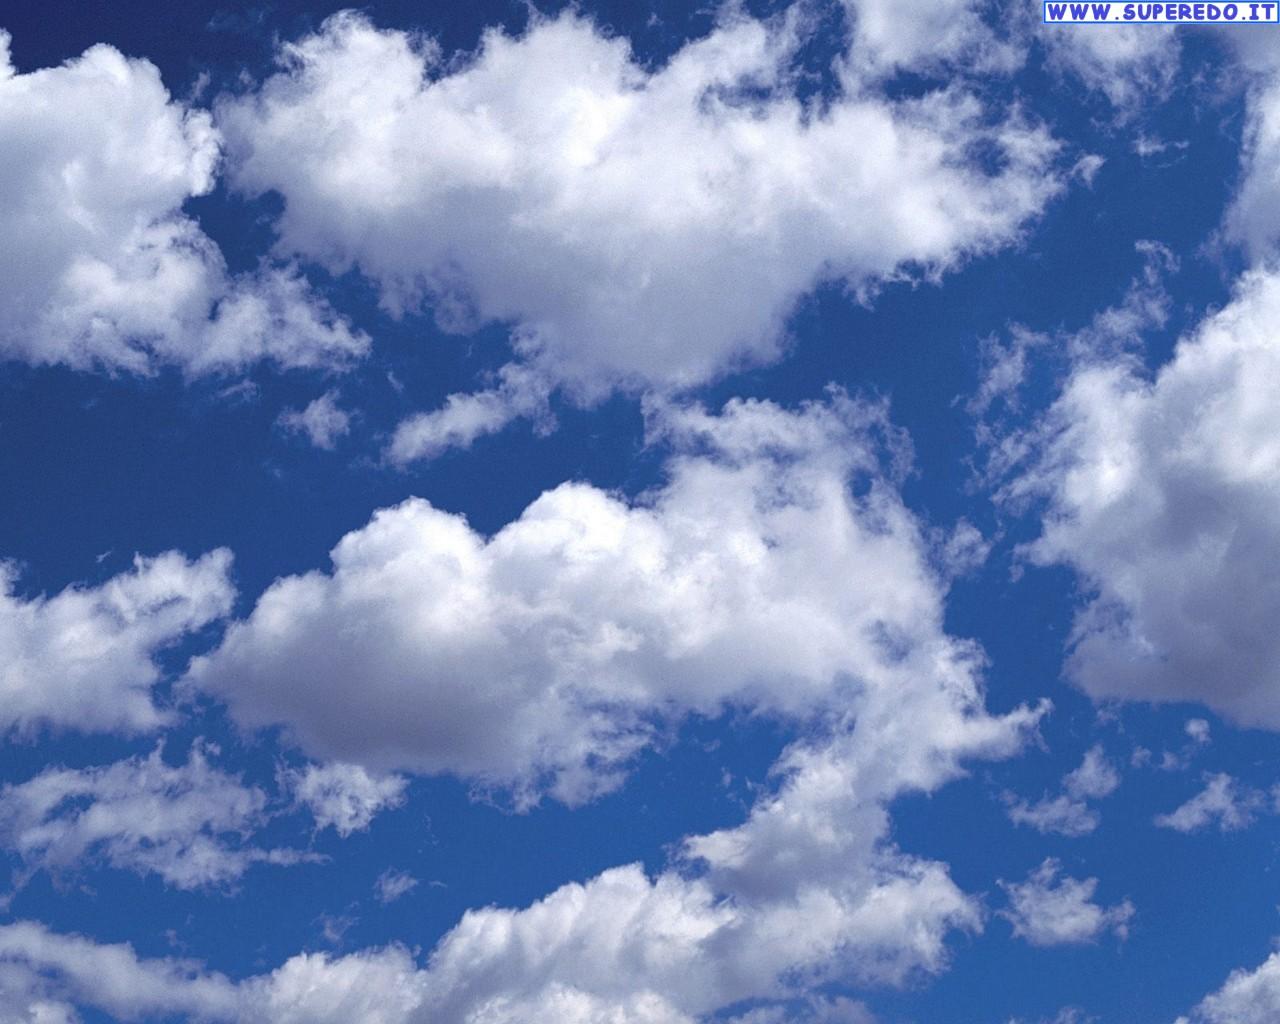 Sfondi Nuvole 107 Sfondi in alta definizione HD 1280x1024